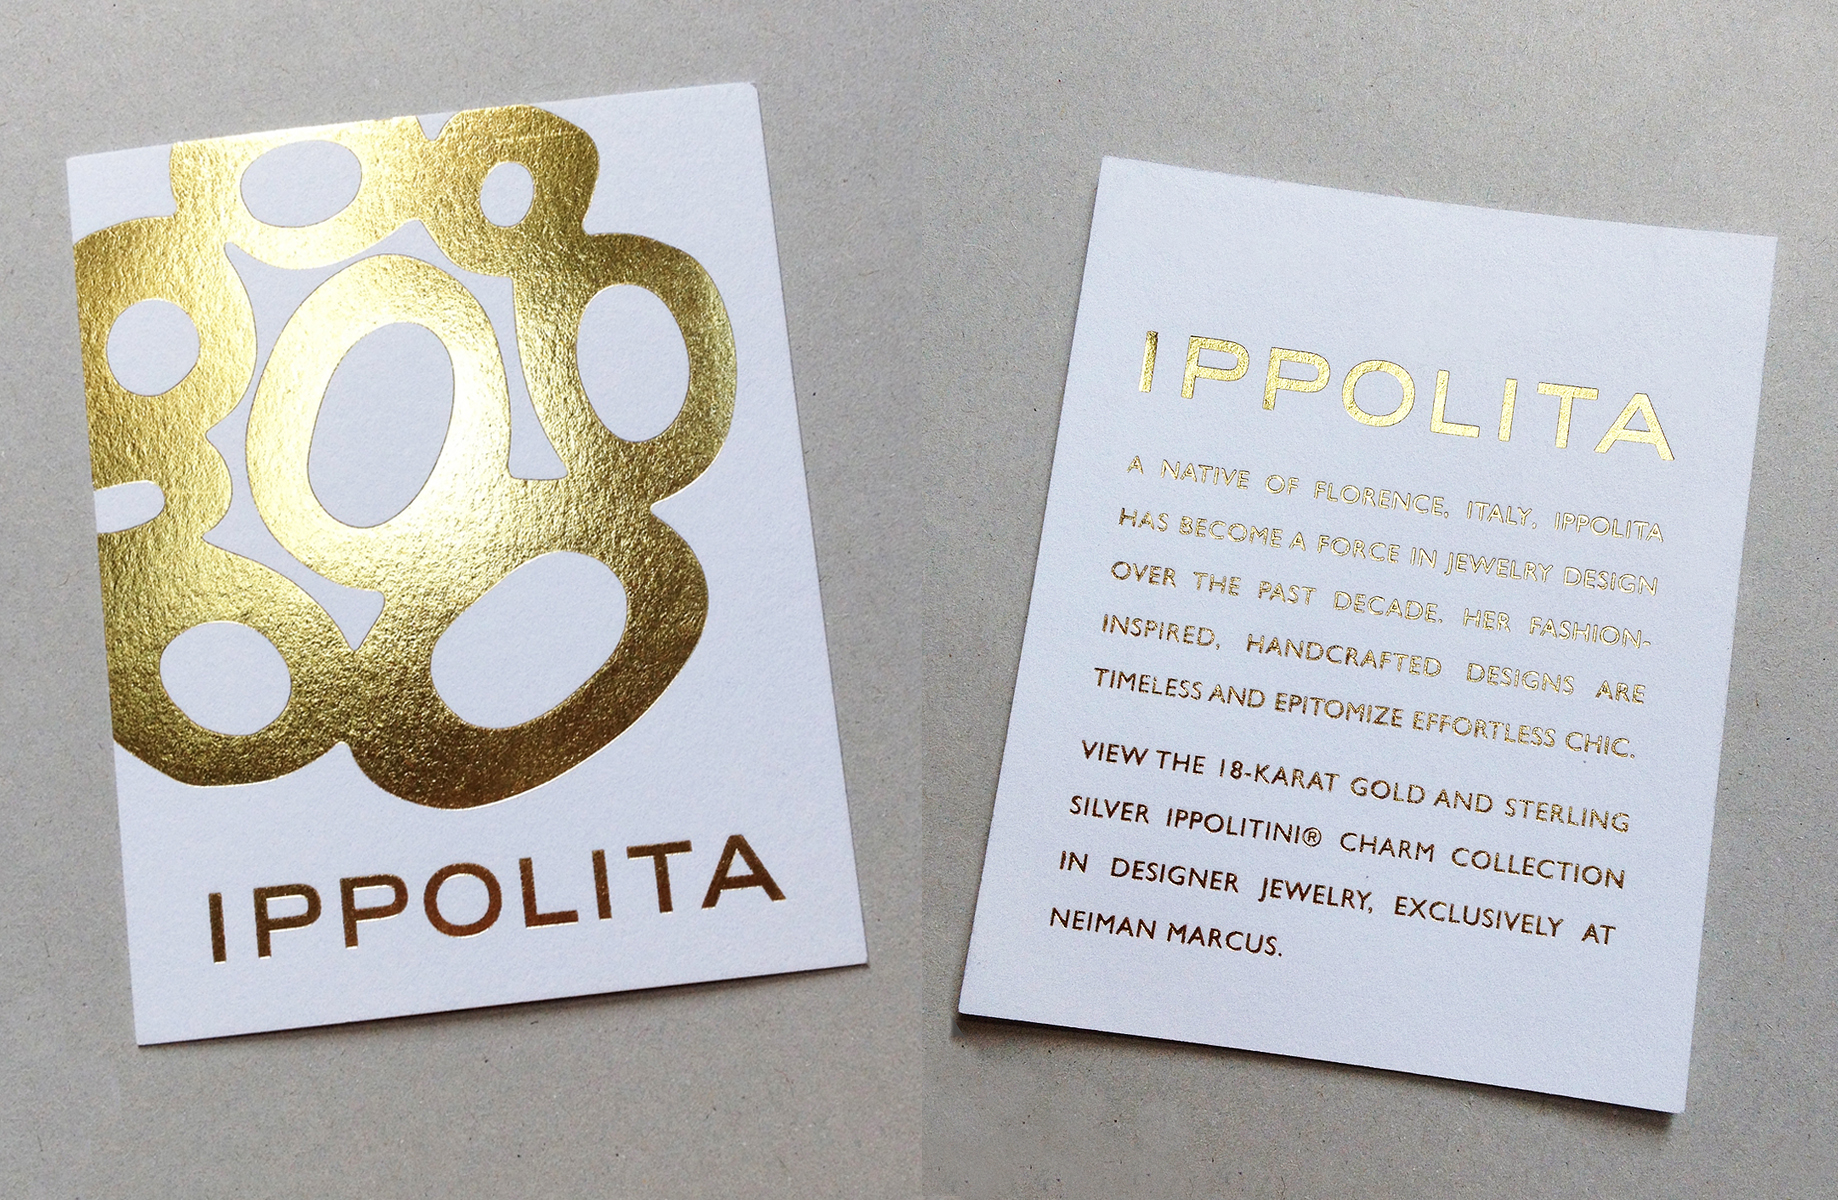 Ippolita_Foil Stamped Card.jpg